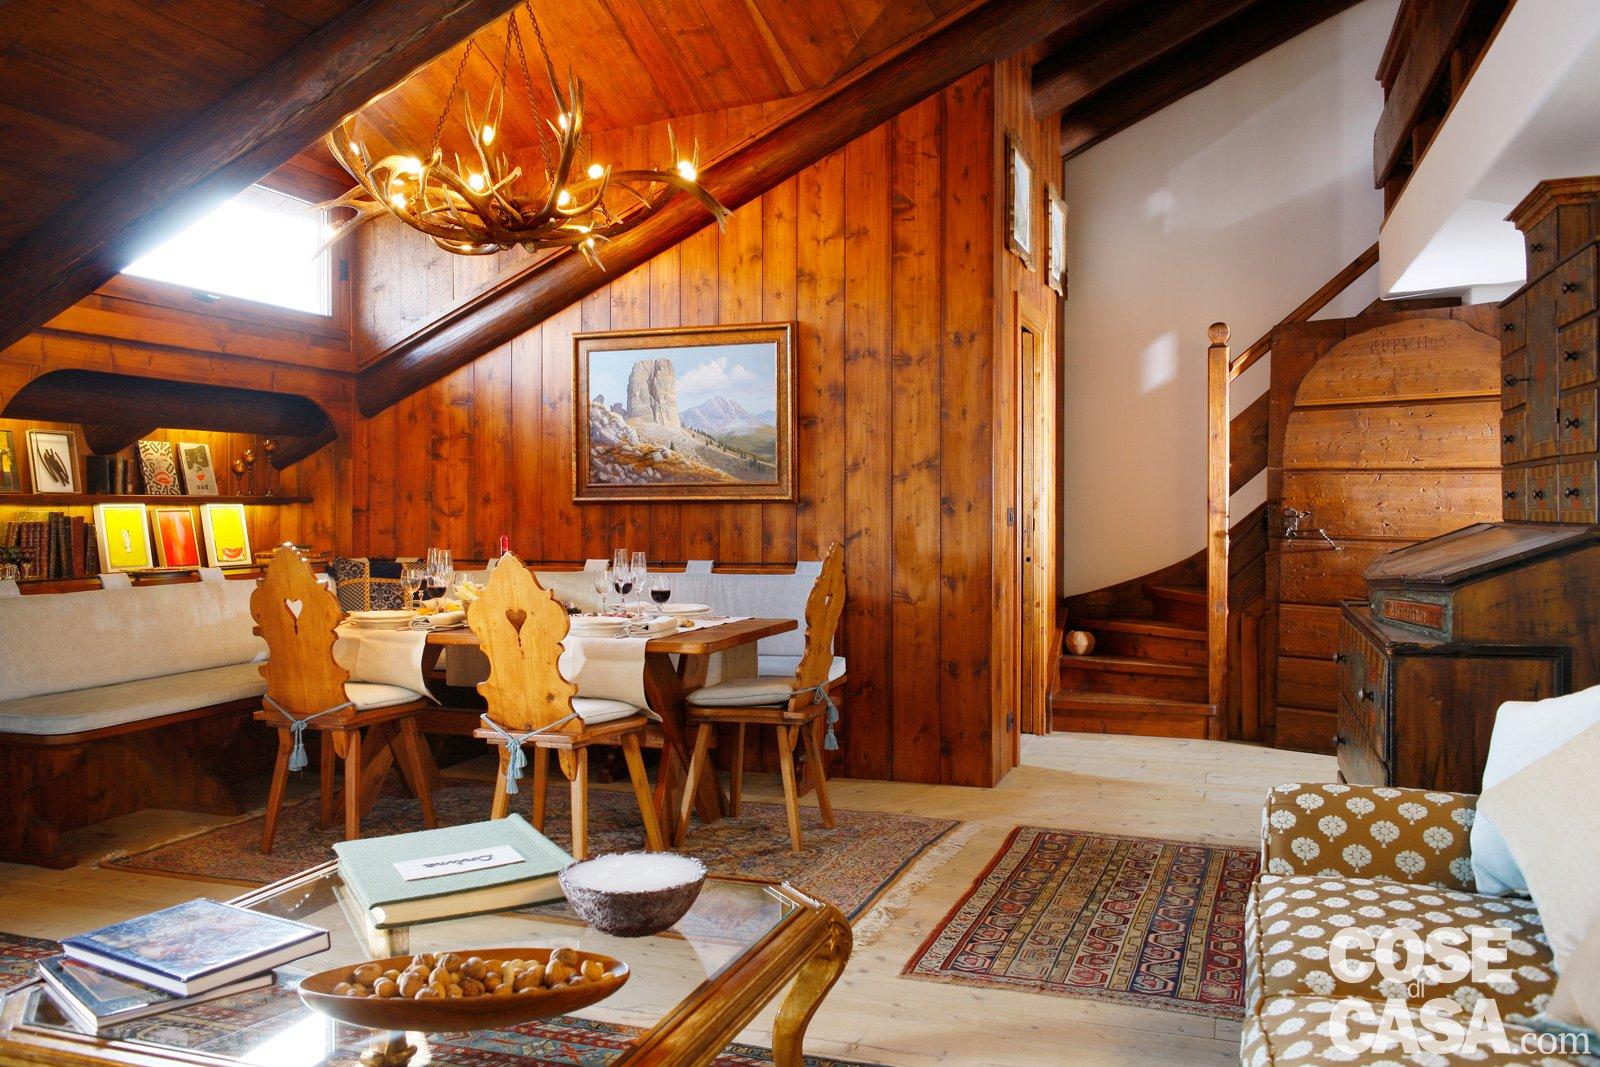 Case Di Montagna In Legno : Mansarda tutta legno: nuova vita per la casa di montagna cose di casa